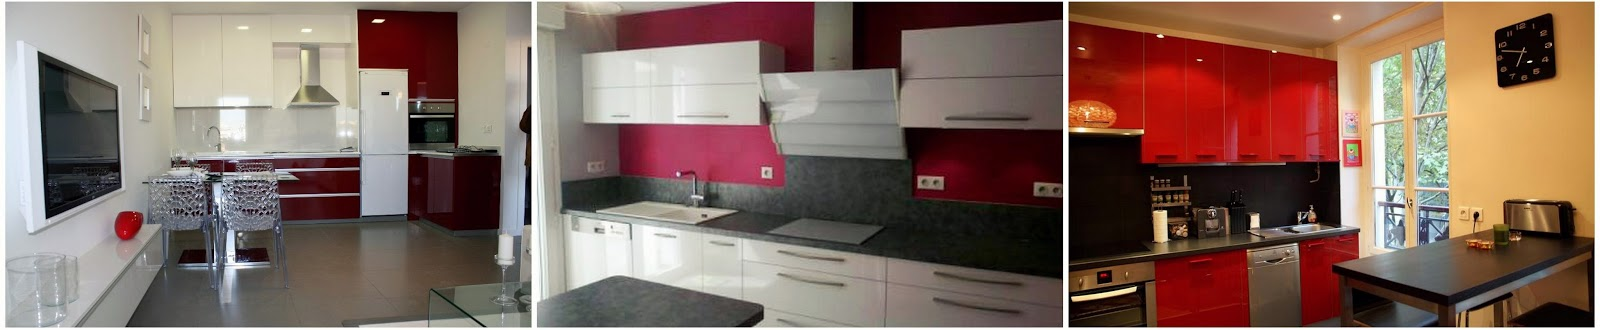 renovation travaux peinture cuisine paris peintre professionnel cesu. Black Bedroom Furniture Sets. Home Design Ideas